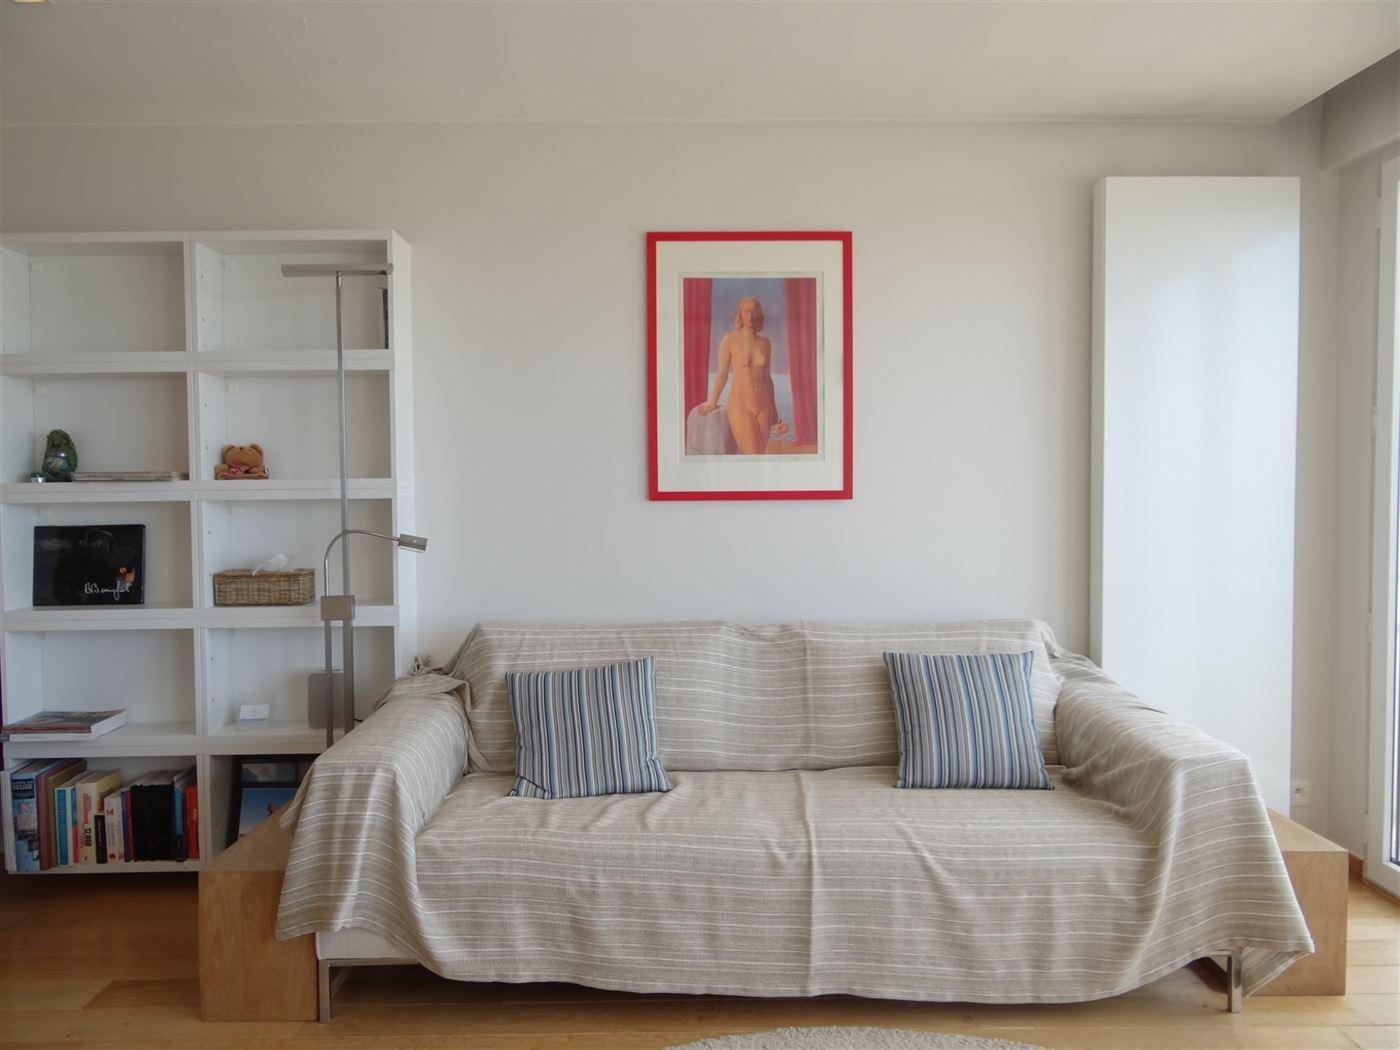 Res. Strand Imperial 1602 - Prachtig gerenoveerd appartement met slaapkamer - Adembenemend zeezicht van op de 16de verdieping - Inkom met vestiaire - ...